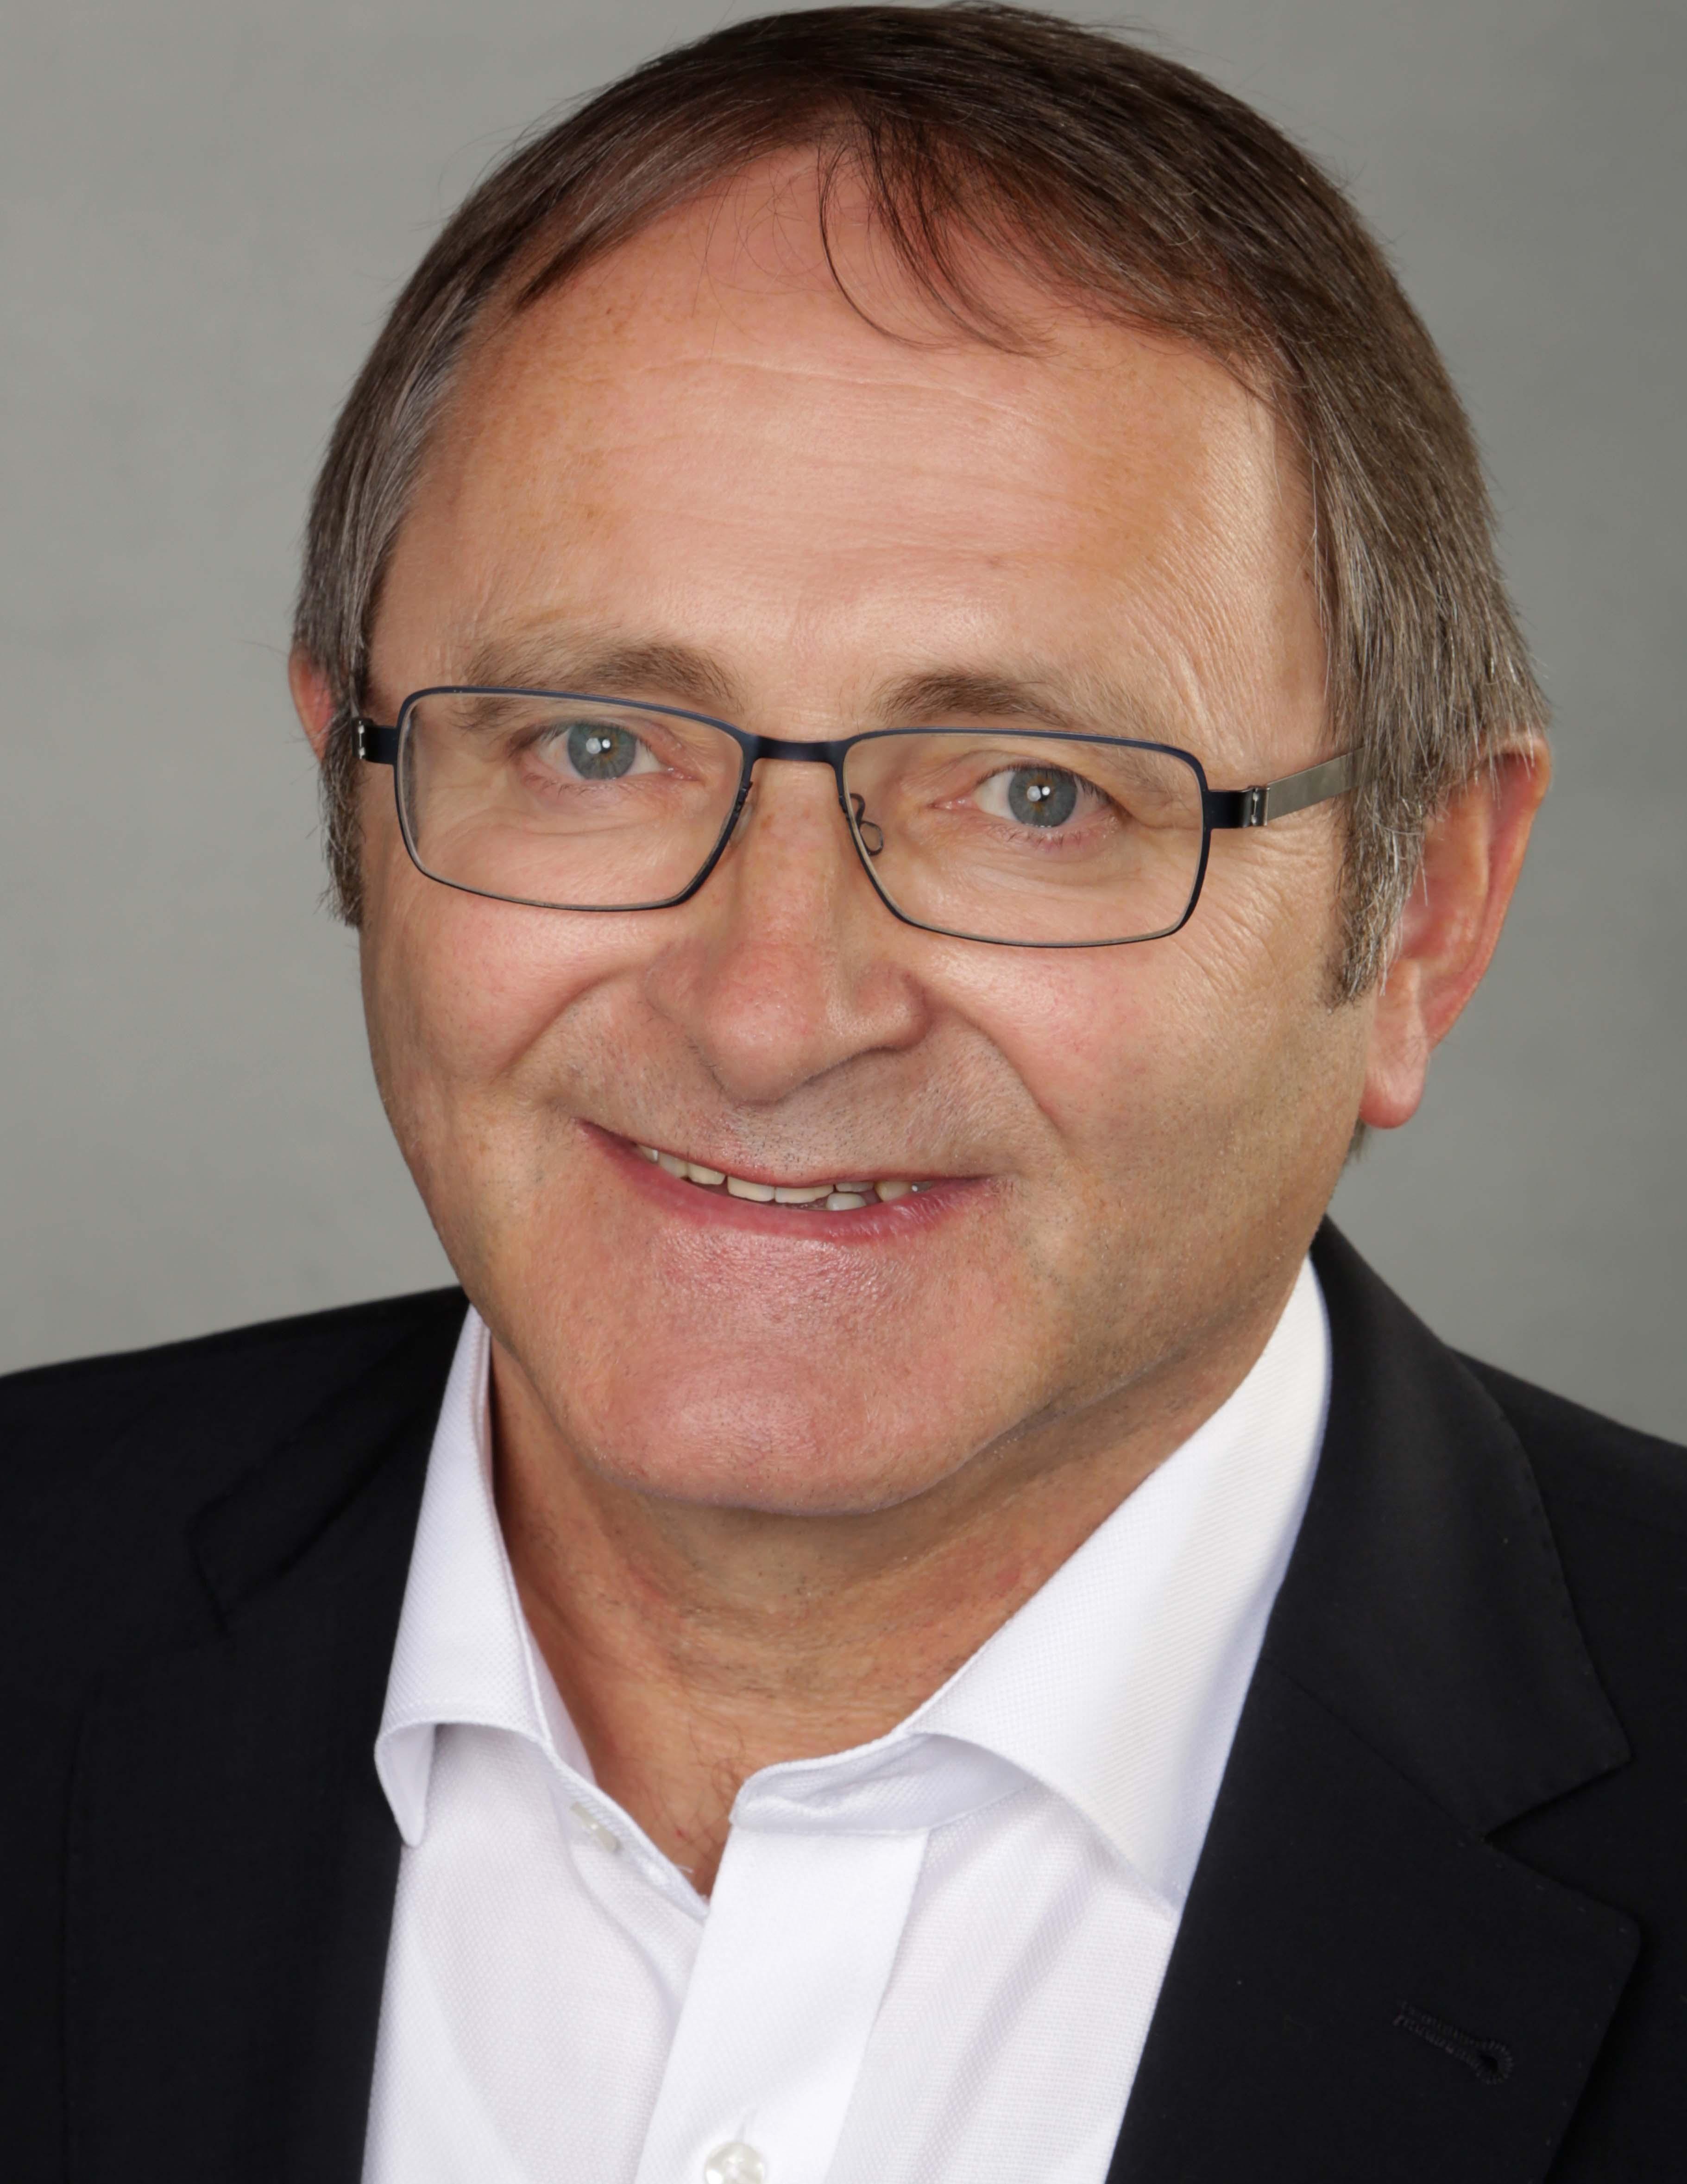 Foto von Voß, Bernd